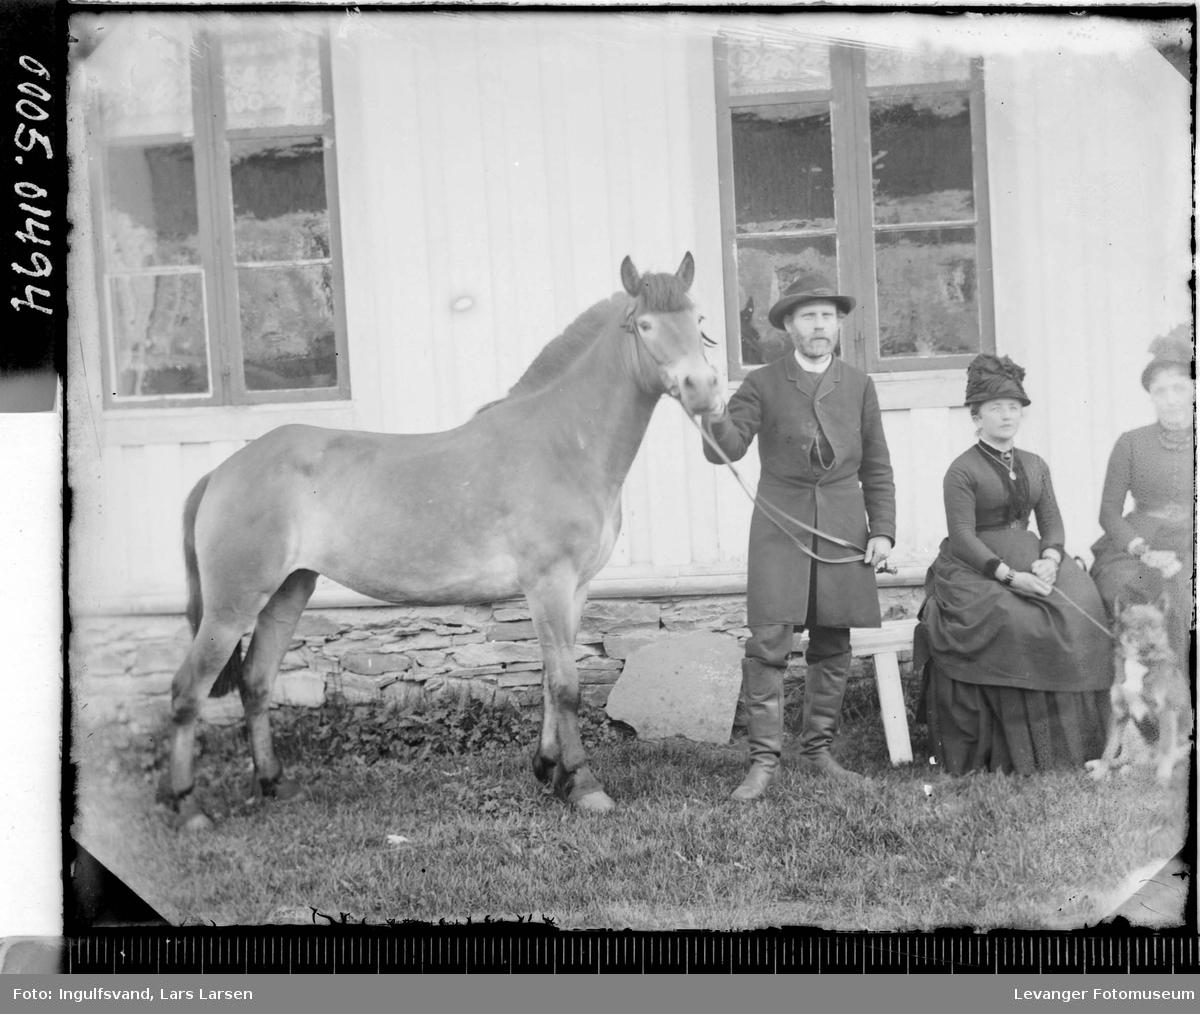 Portrett av to kvinner og en mann med en hest.